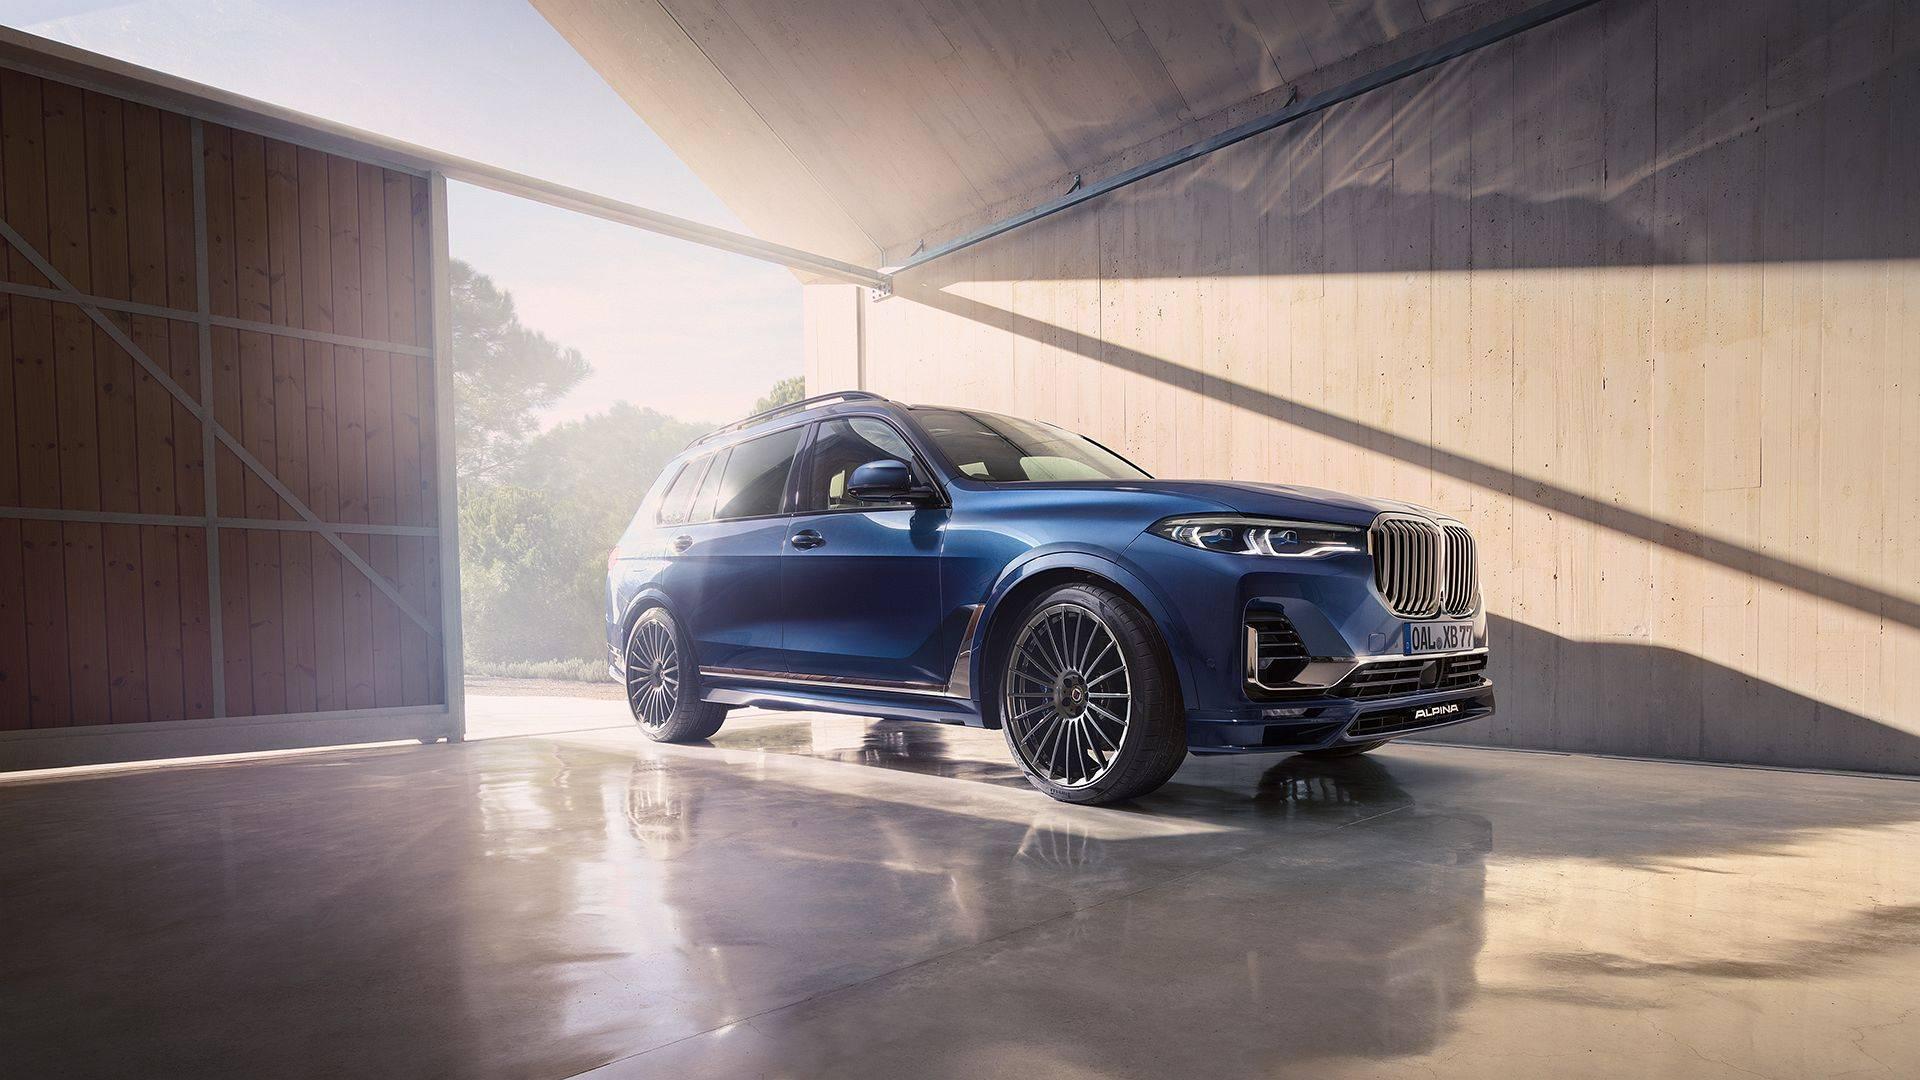 BMW ALPINA XB7 для приключений первого класса 1